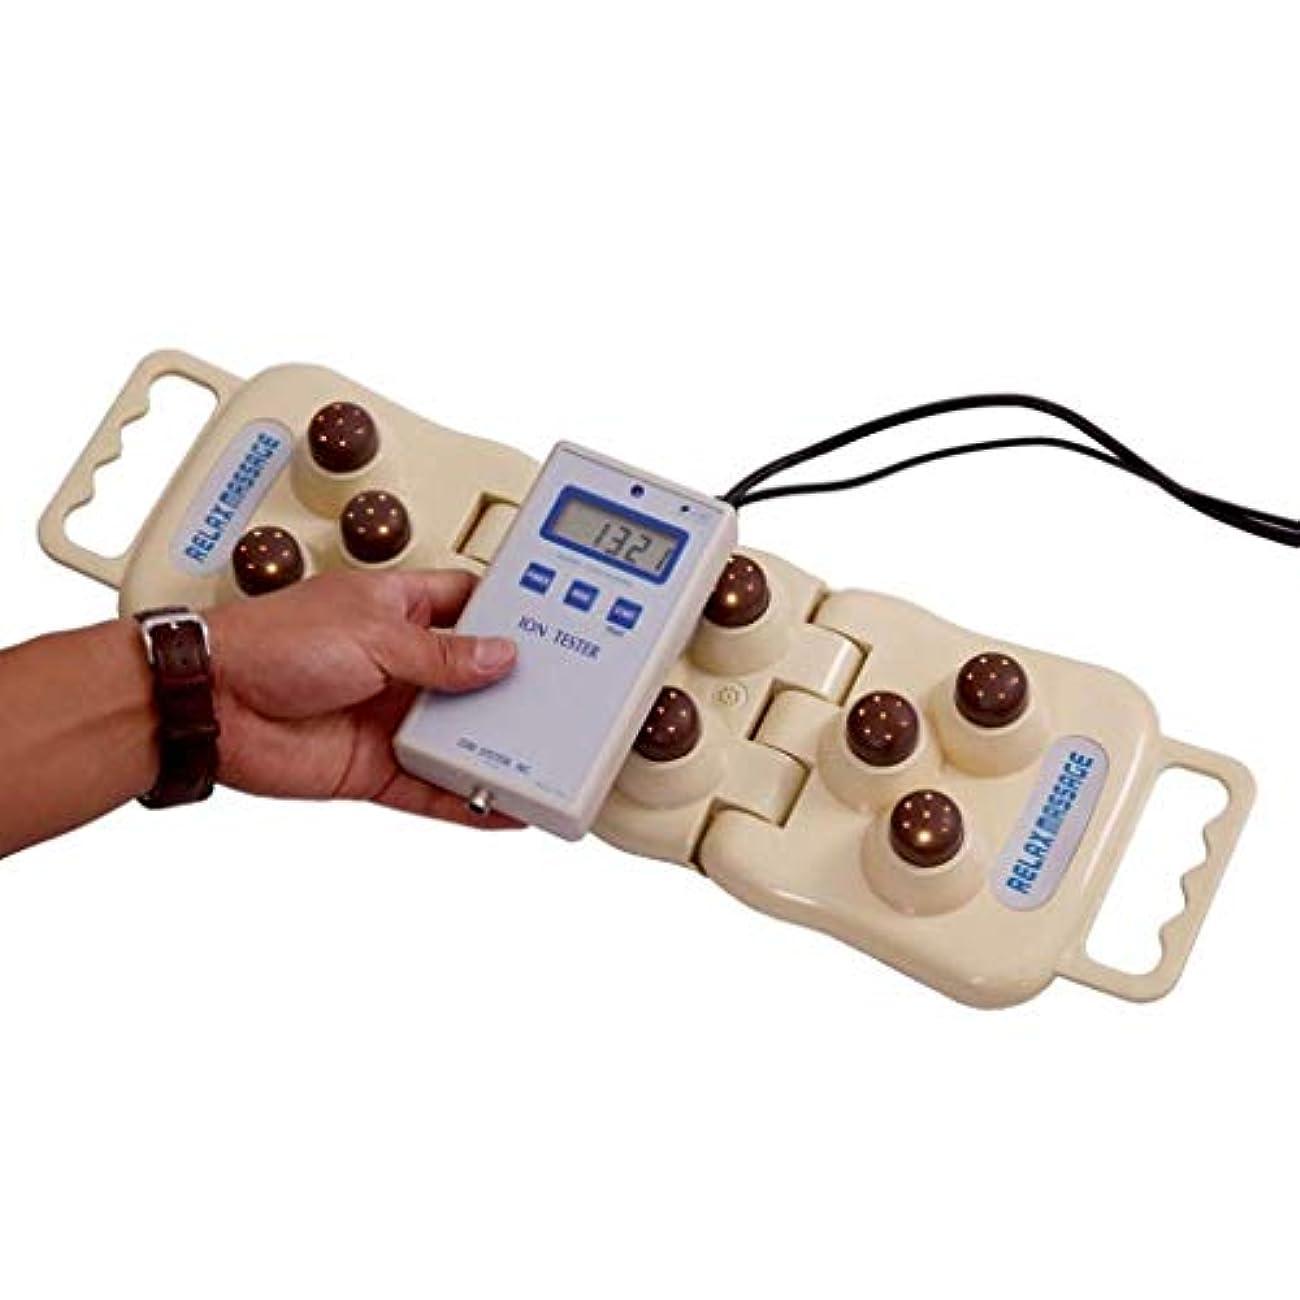 マナー天文学指導する電気マッサージ器、トルマリン理学療法頸椎健康機器、暖房理学療法器具、膝/肩/腰/脚マッサージ、全身ヒーターマッサージリラックス